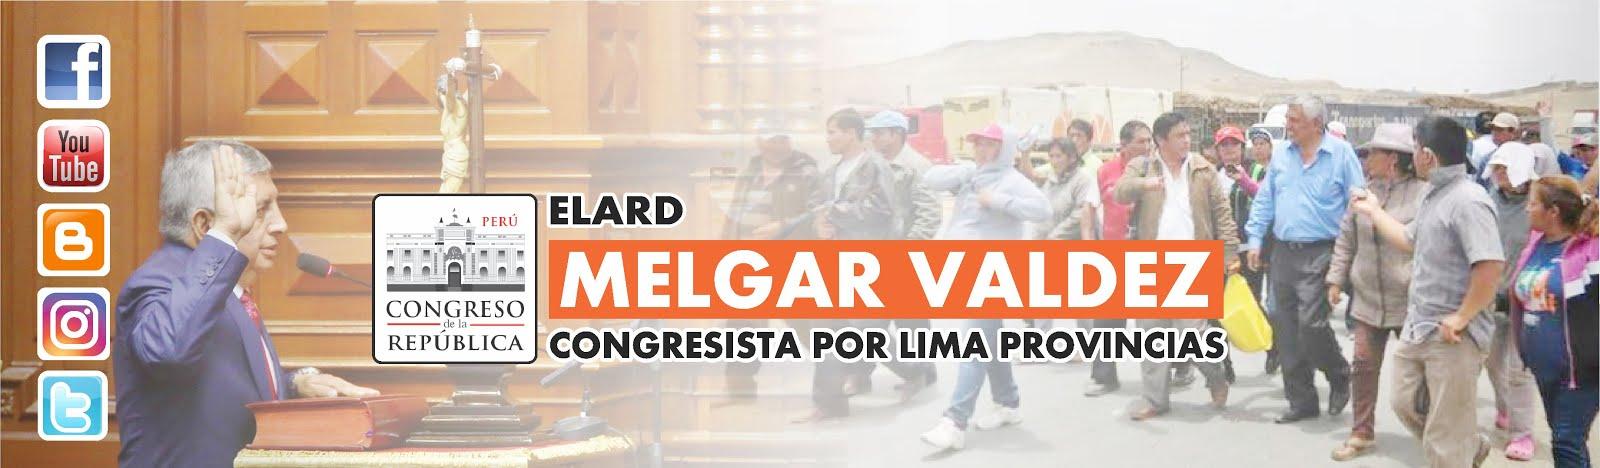 ELARD MELGAR VALDEZ